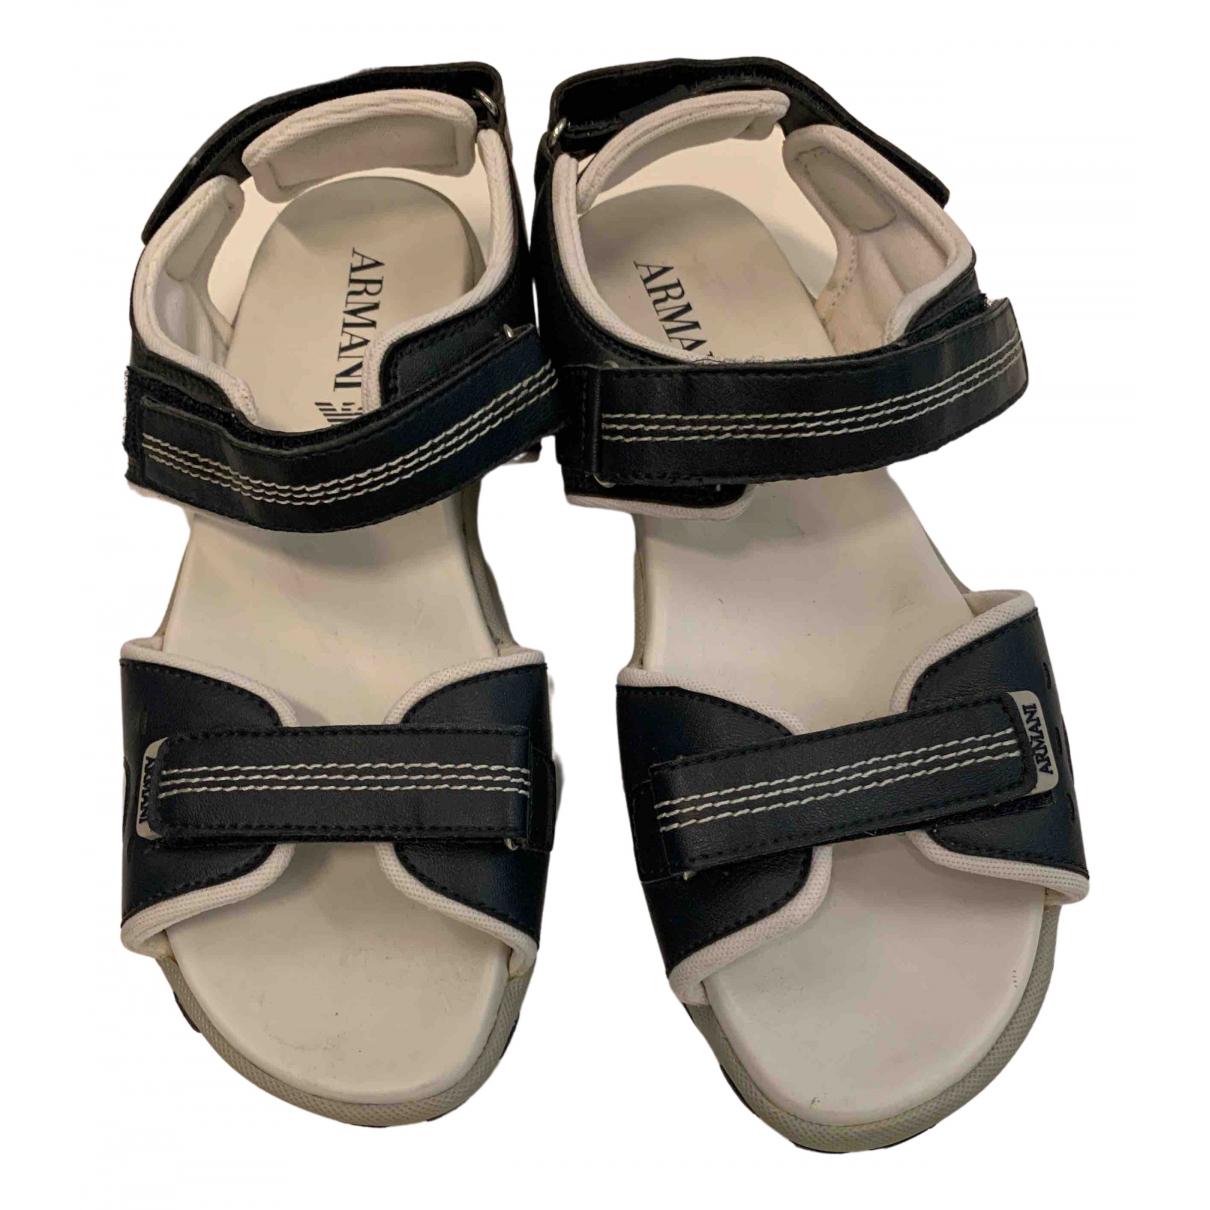 Sandalias de Lona Emporio Armani